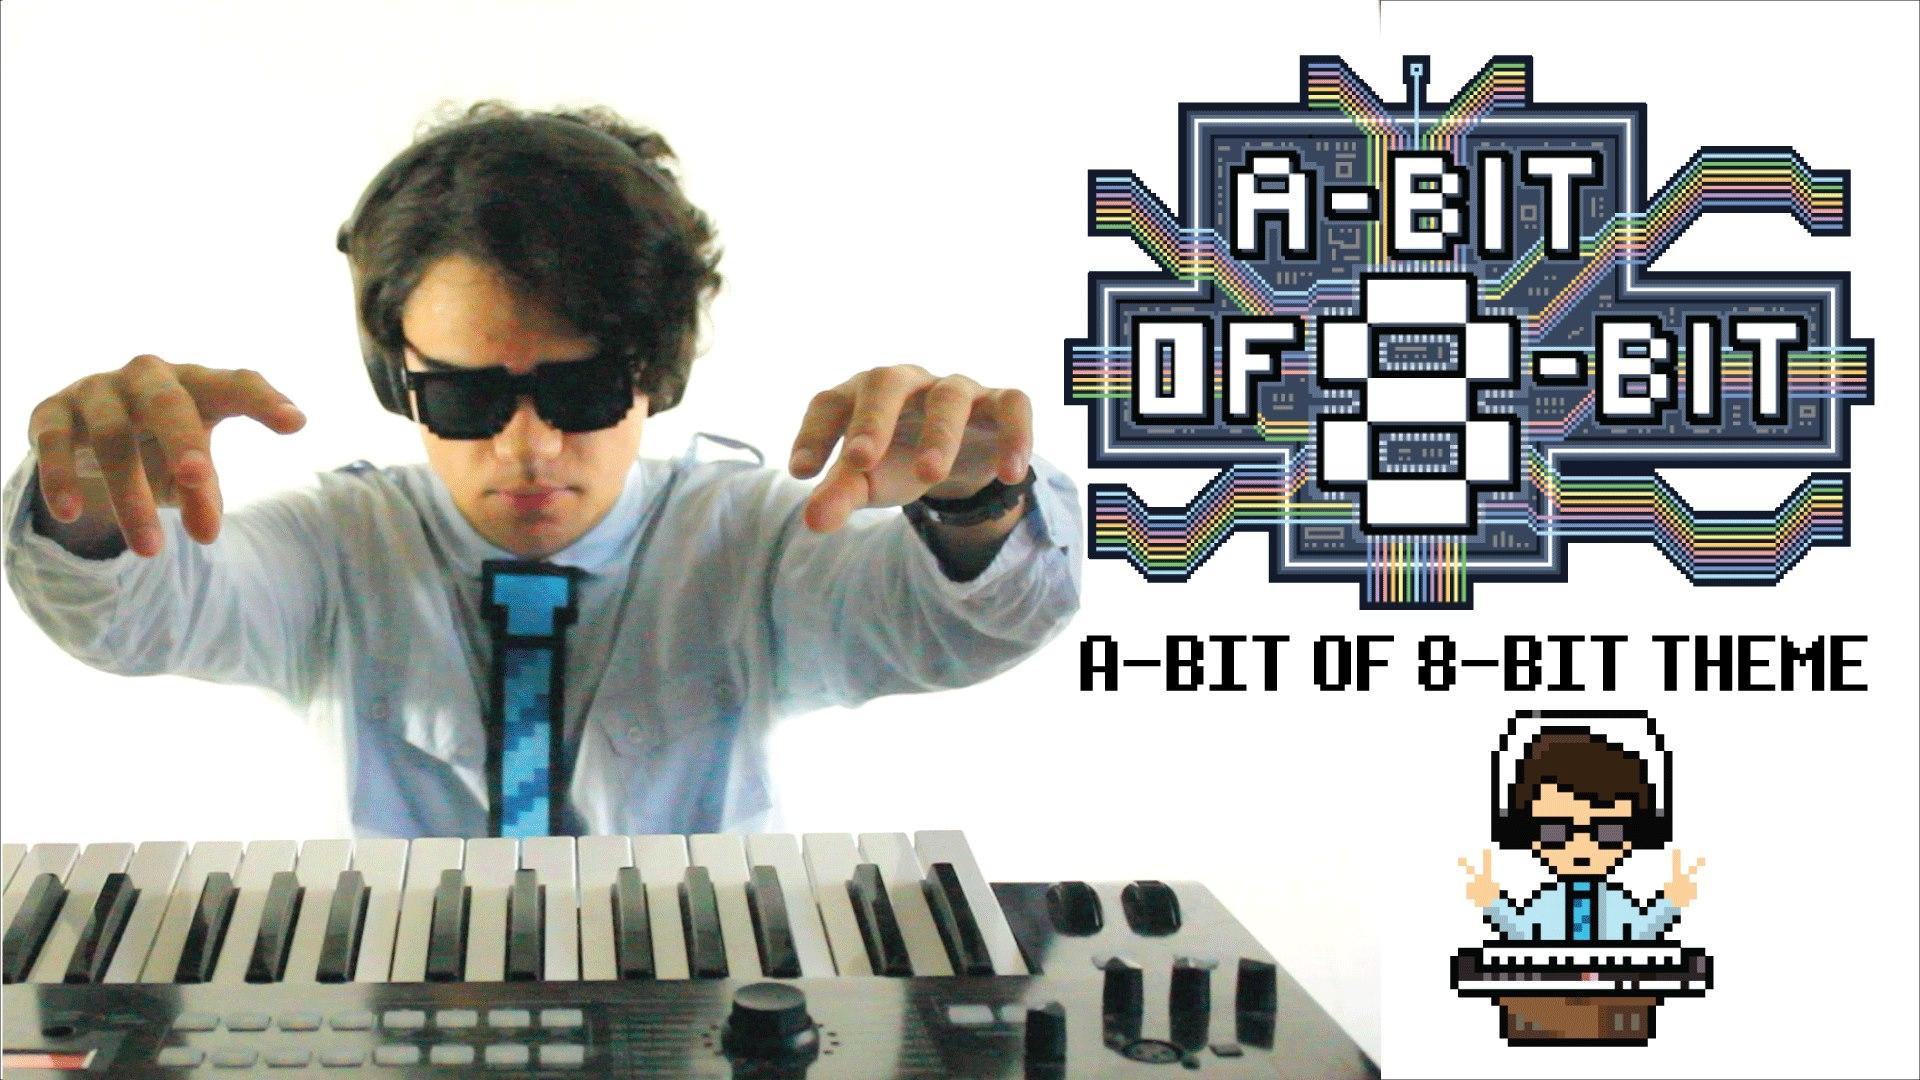 As Músicas 8-Bits de Joe Jeremiah 8-Bits, Atari, Bangarang, Bohemian Rapsody, Daft Puunk, Eurythmics, Jo Jeremiah, medley, NyanCat, Queen, Random Access Memories, skrillex, Sweet Dreams